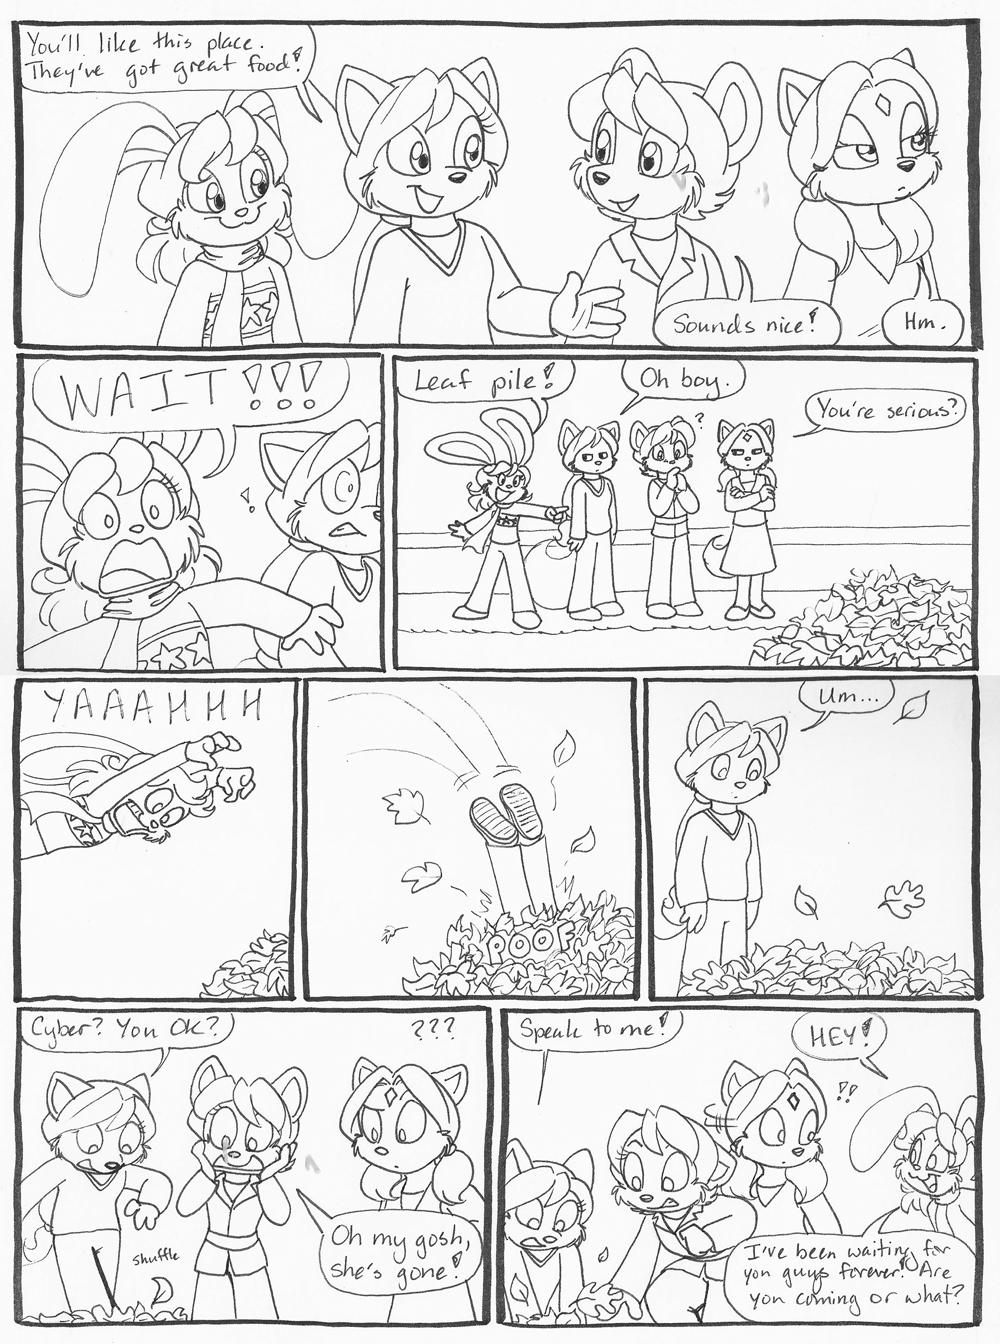 Bonus Comic 0001 – Leaf Pile Portals?